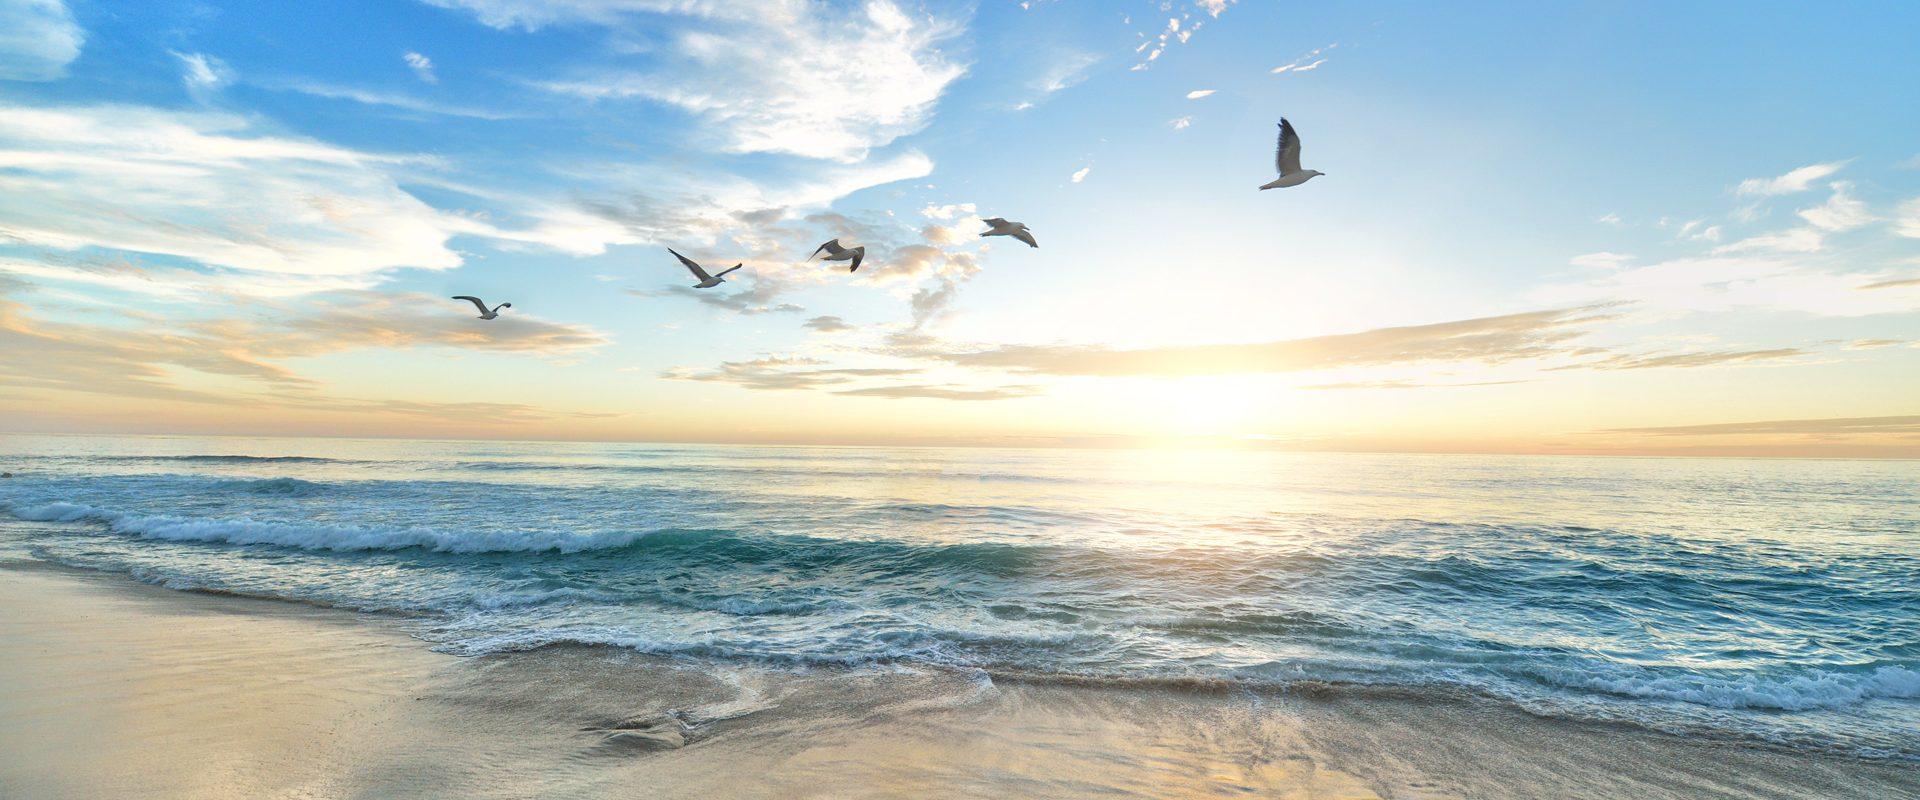 Camping La Vie : Ocean